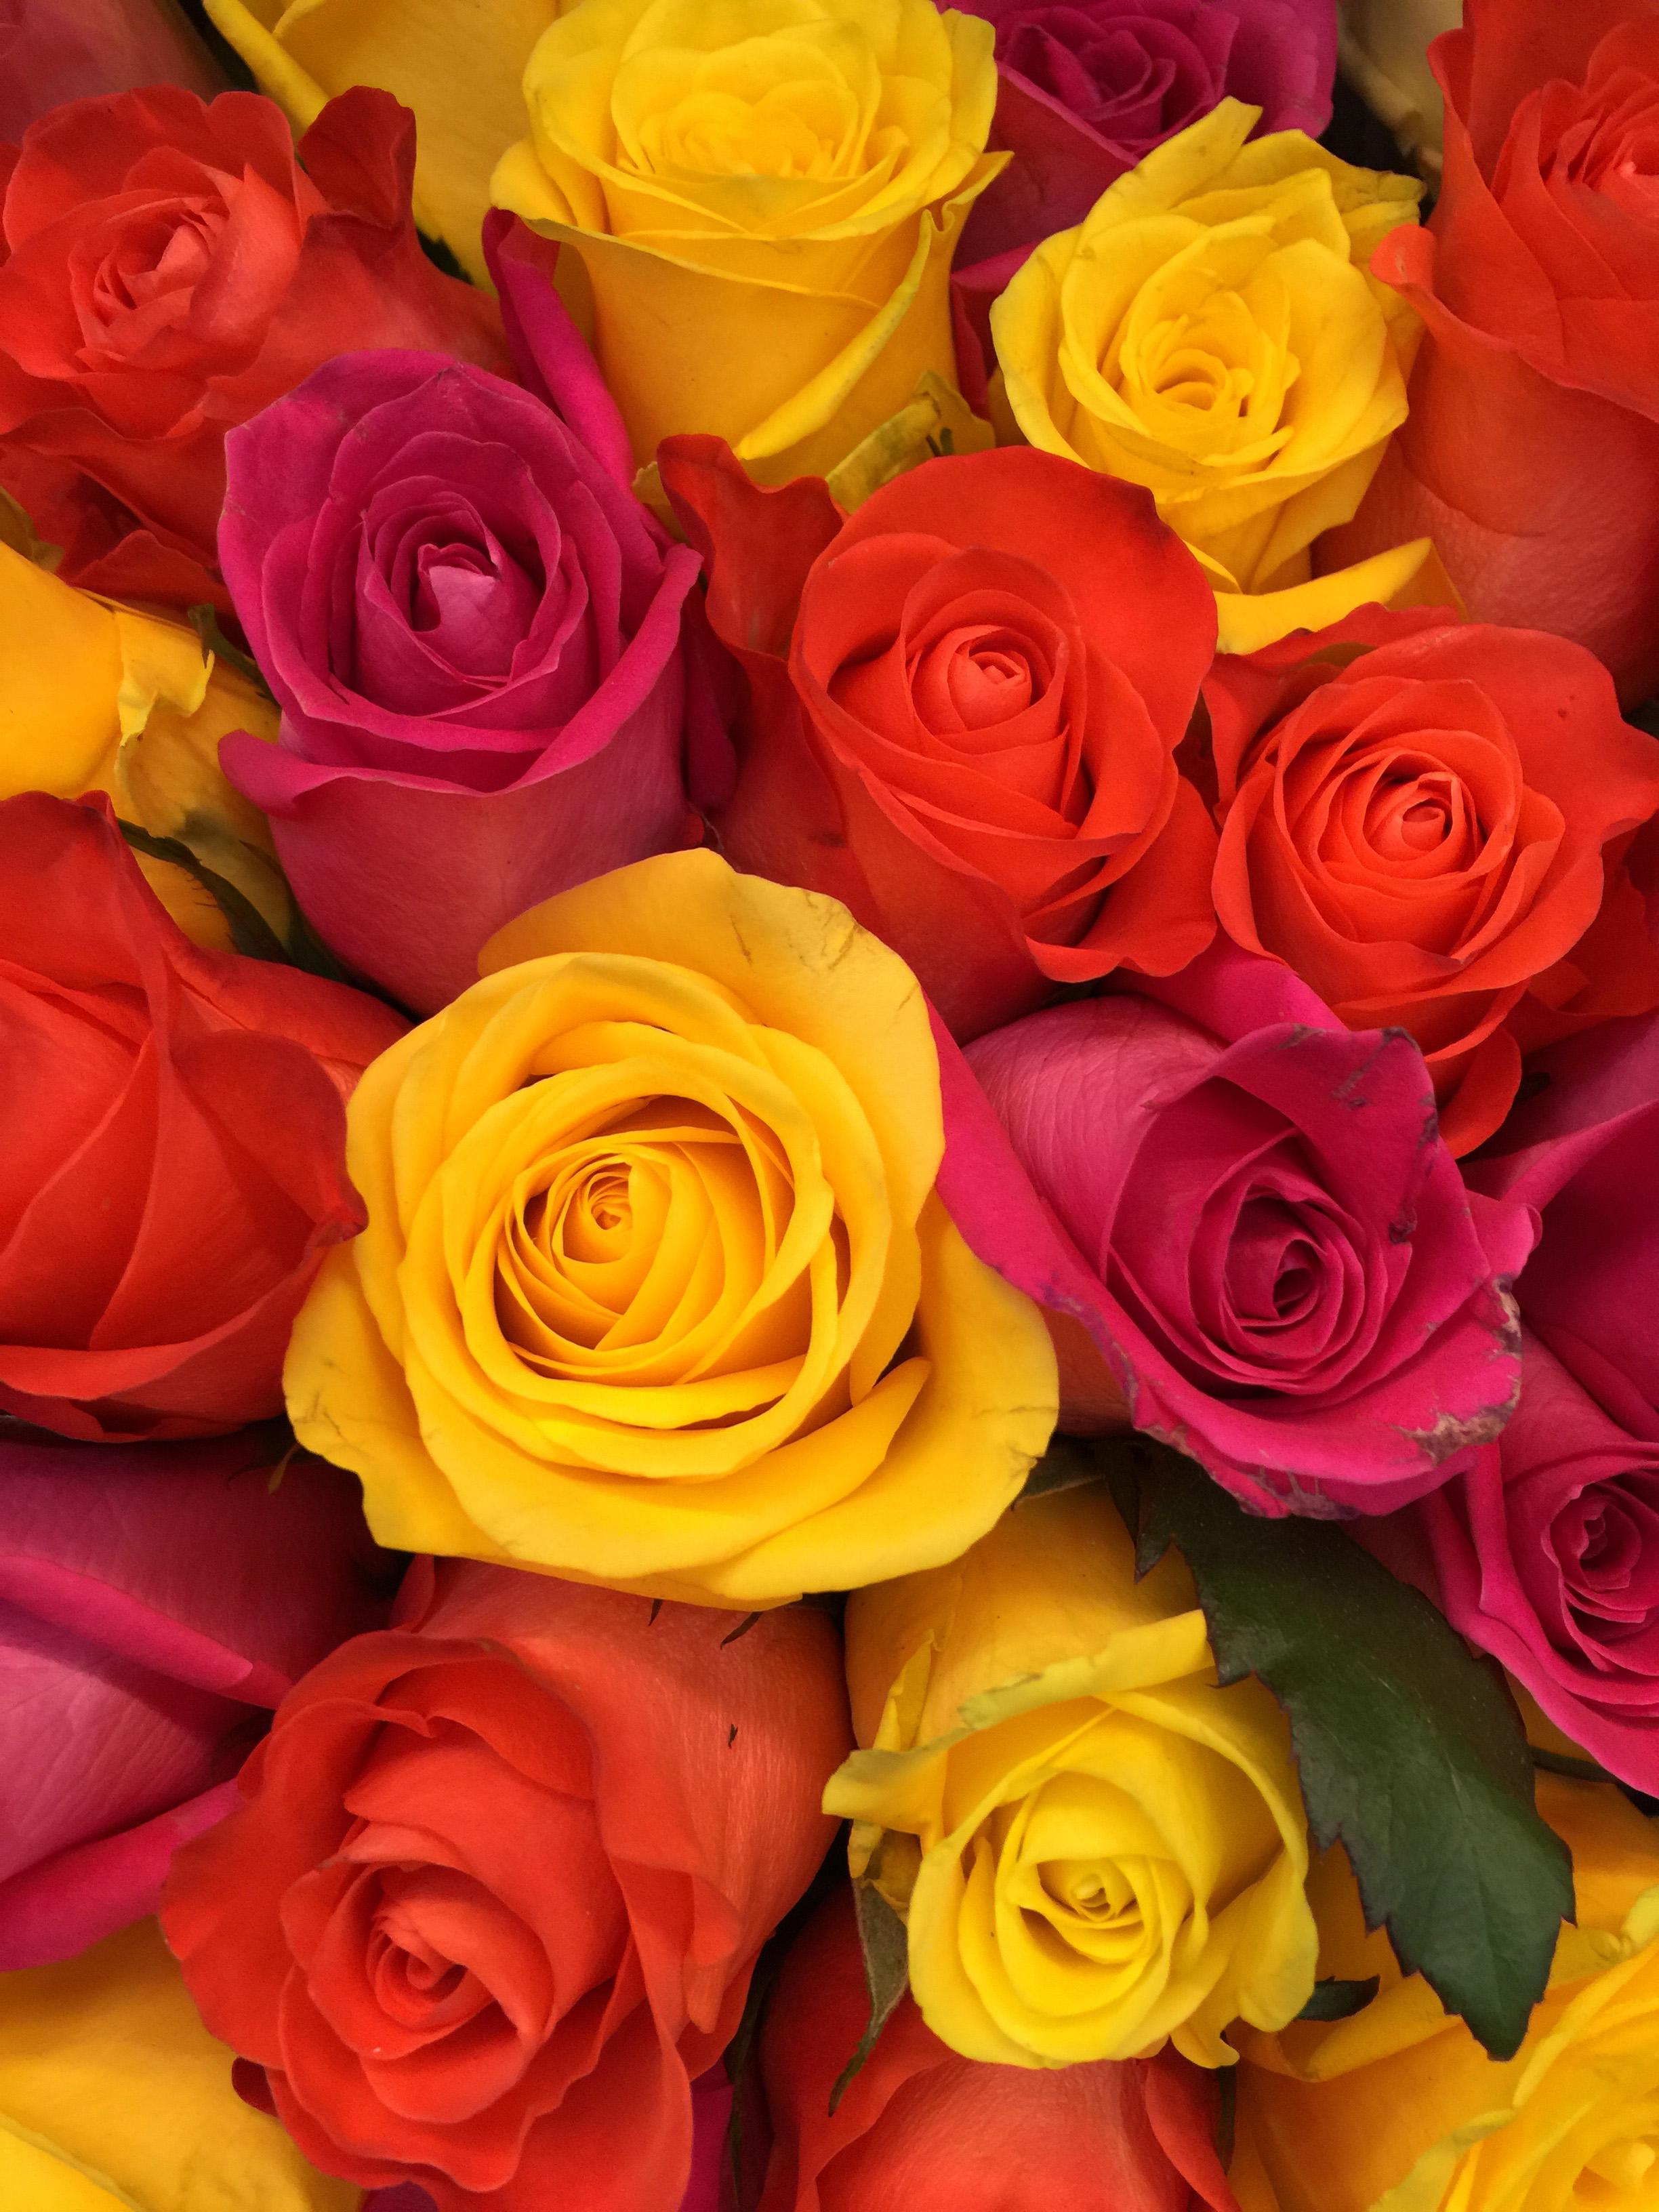 104071 скачать обои Розы, Цветы, Красный, Букет, Розовый, Желтый, Бутоны, Композиция, Флористика - заставки и картинки бесплатно